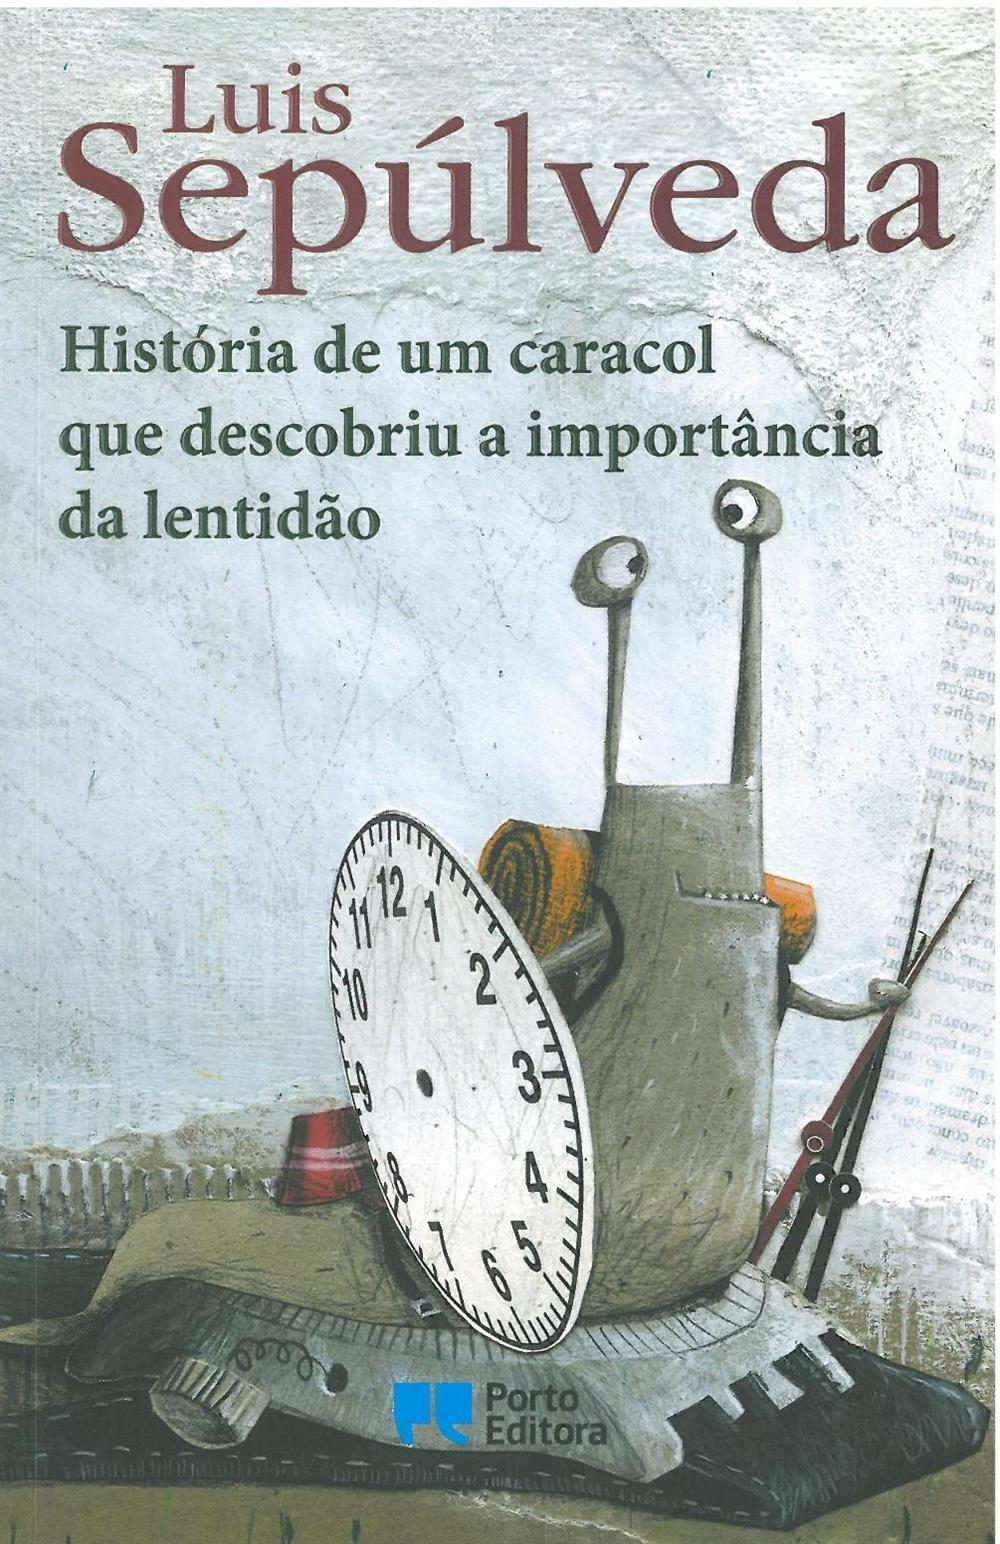 História de um caracol que descobriu a importância da lentidão.jpg